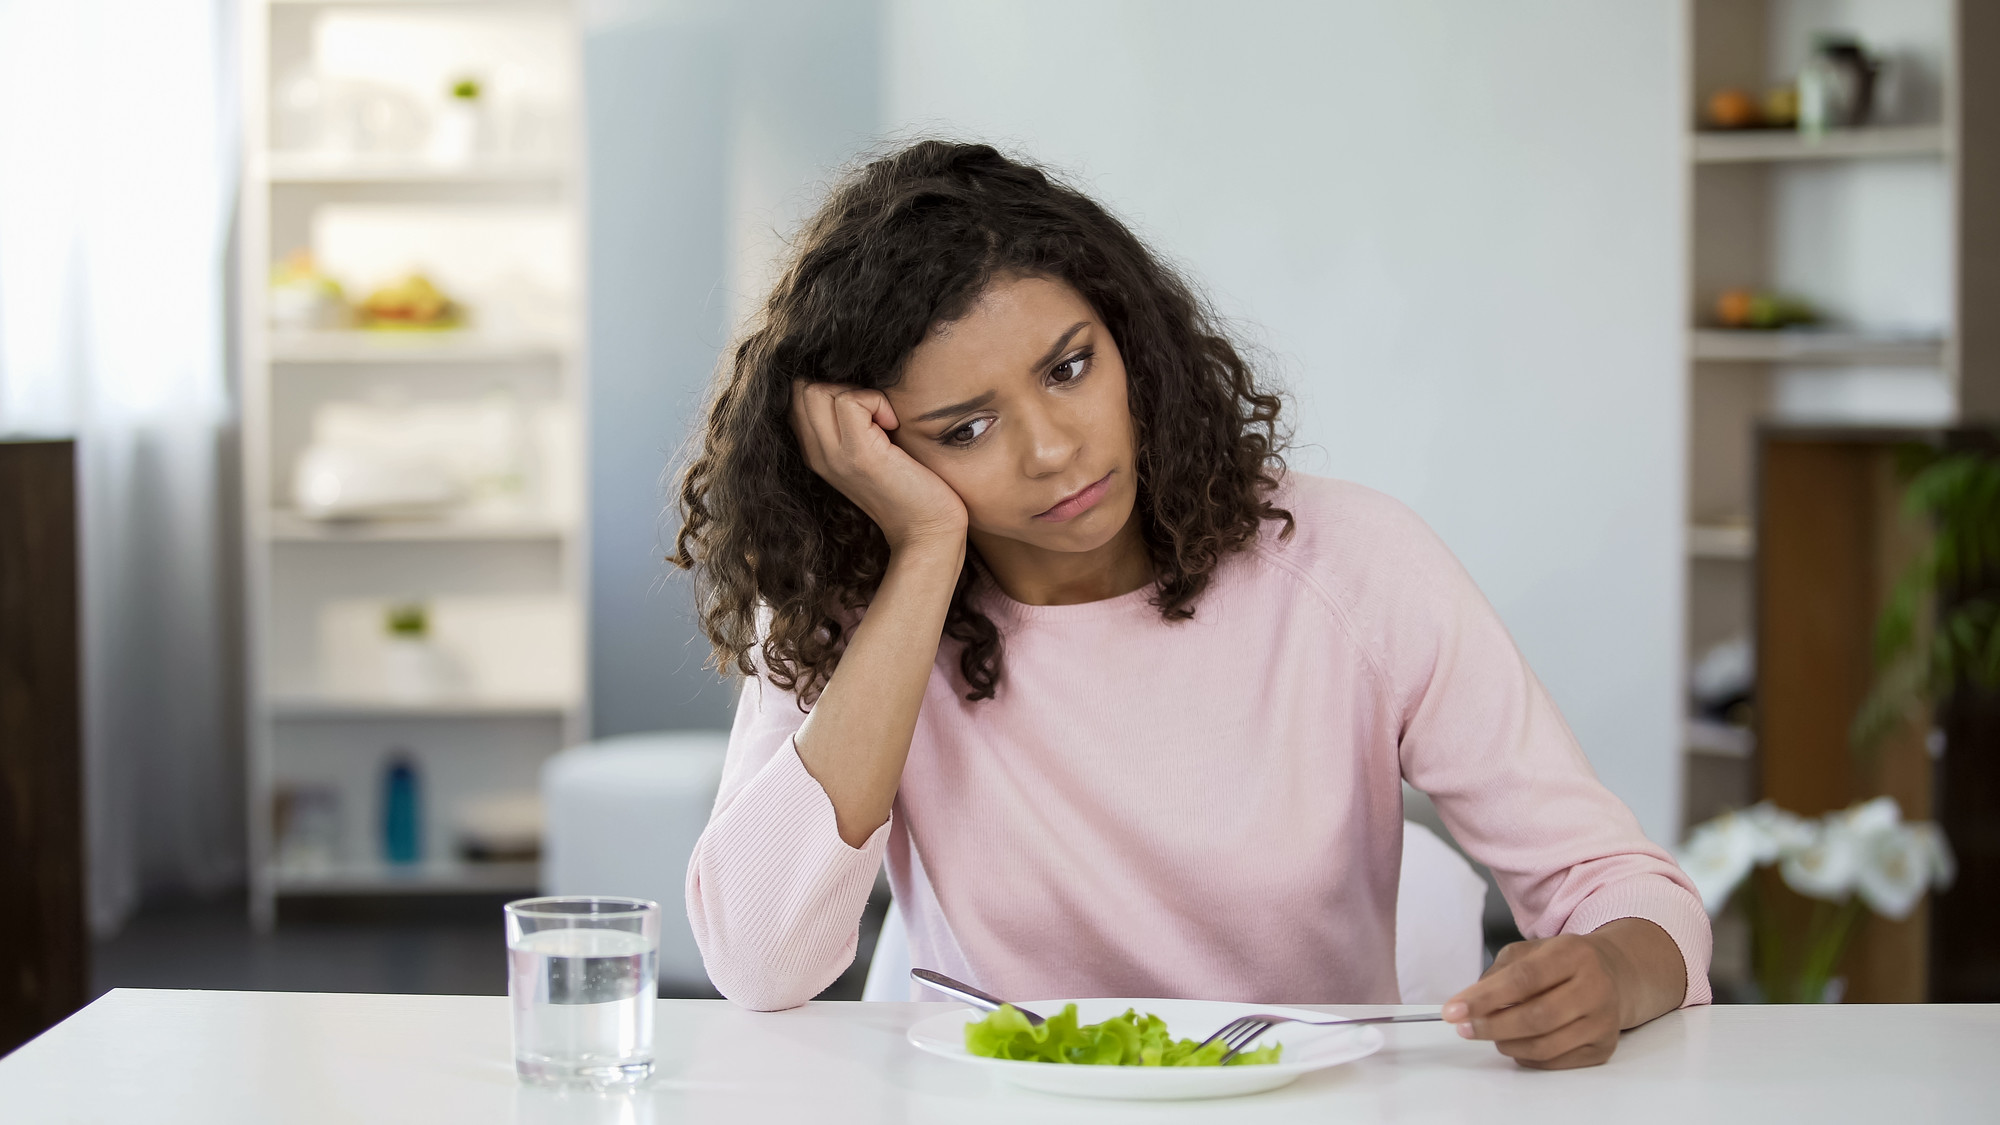 Вкус грусти: какая еда может вызвать депрессию